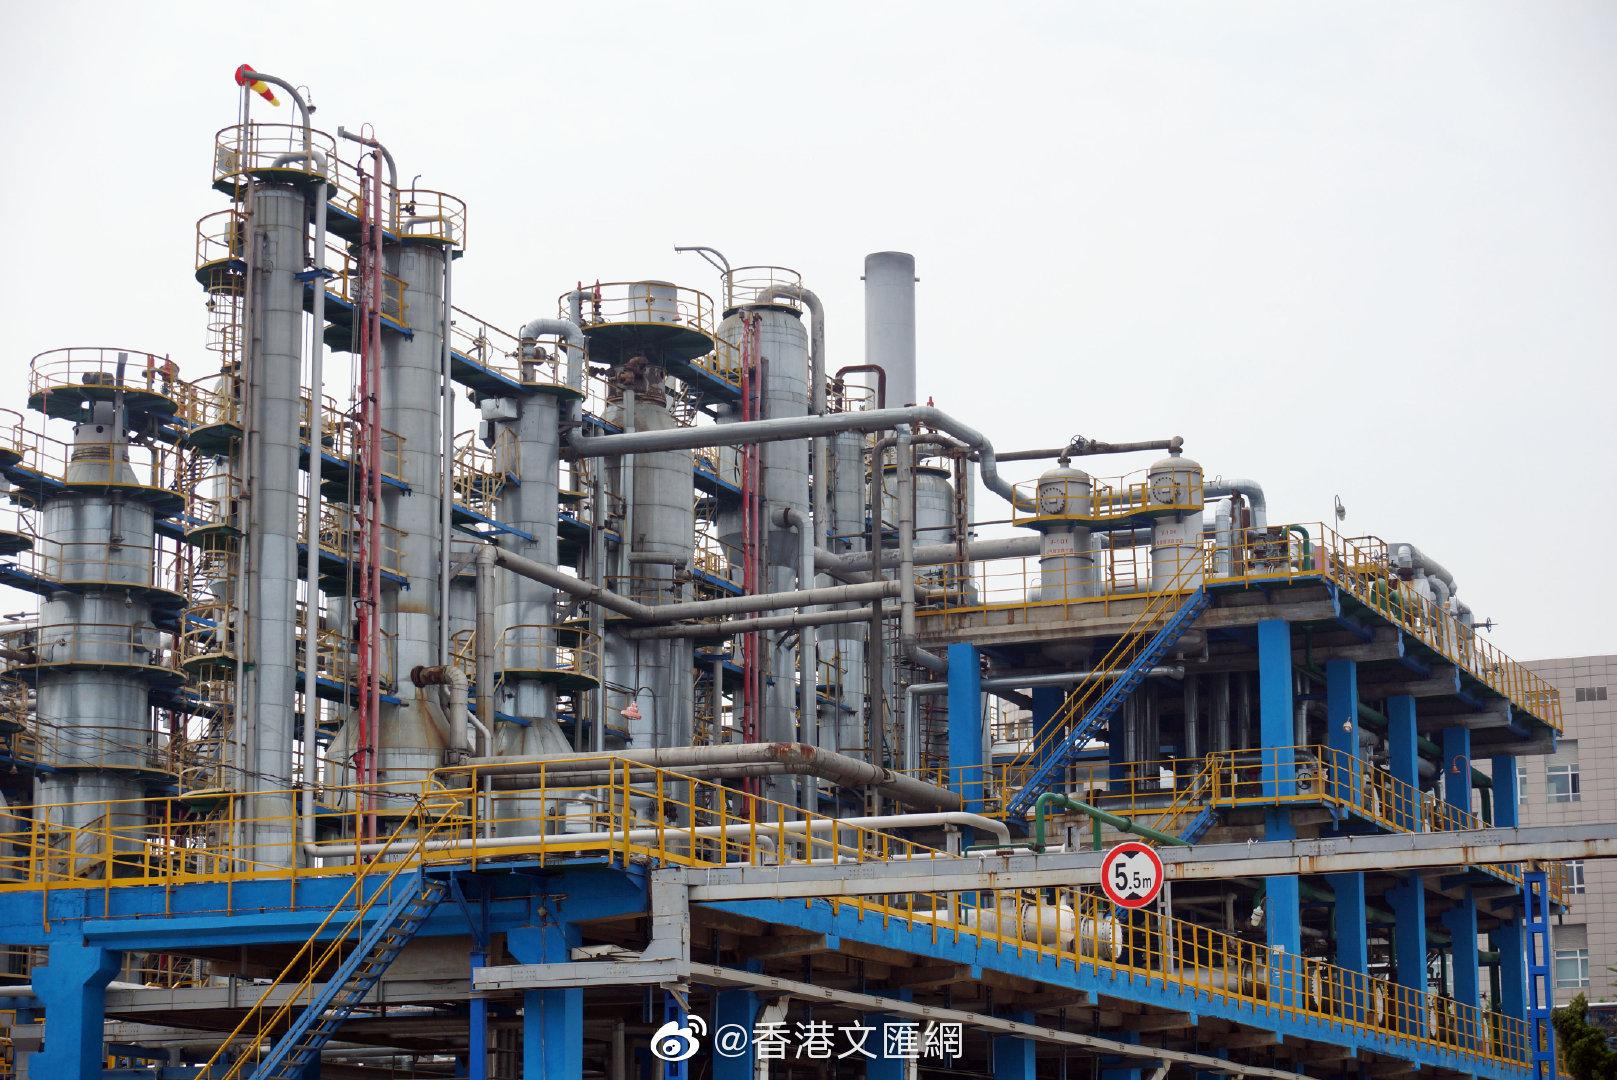 中国石油举办开放日 探秘大连石化工厂